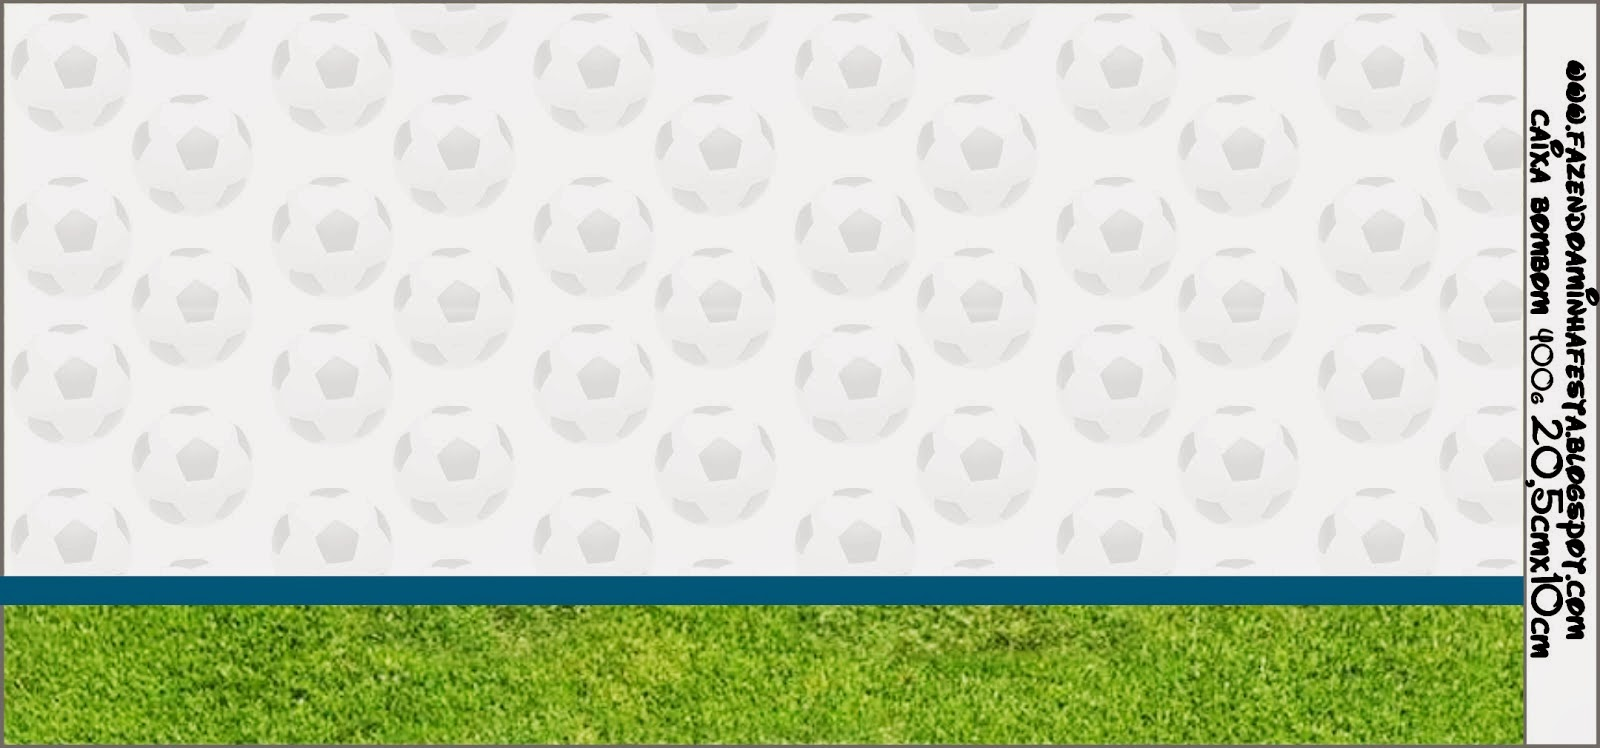 Etiquetas de futbol - 25 etiquetas para imprimir